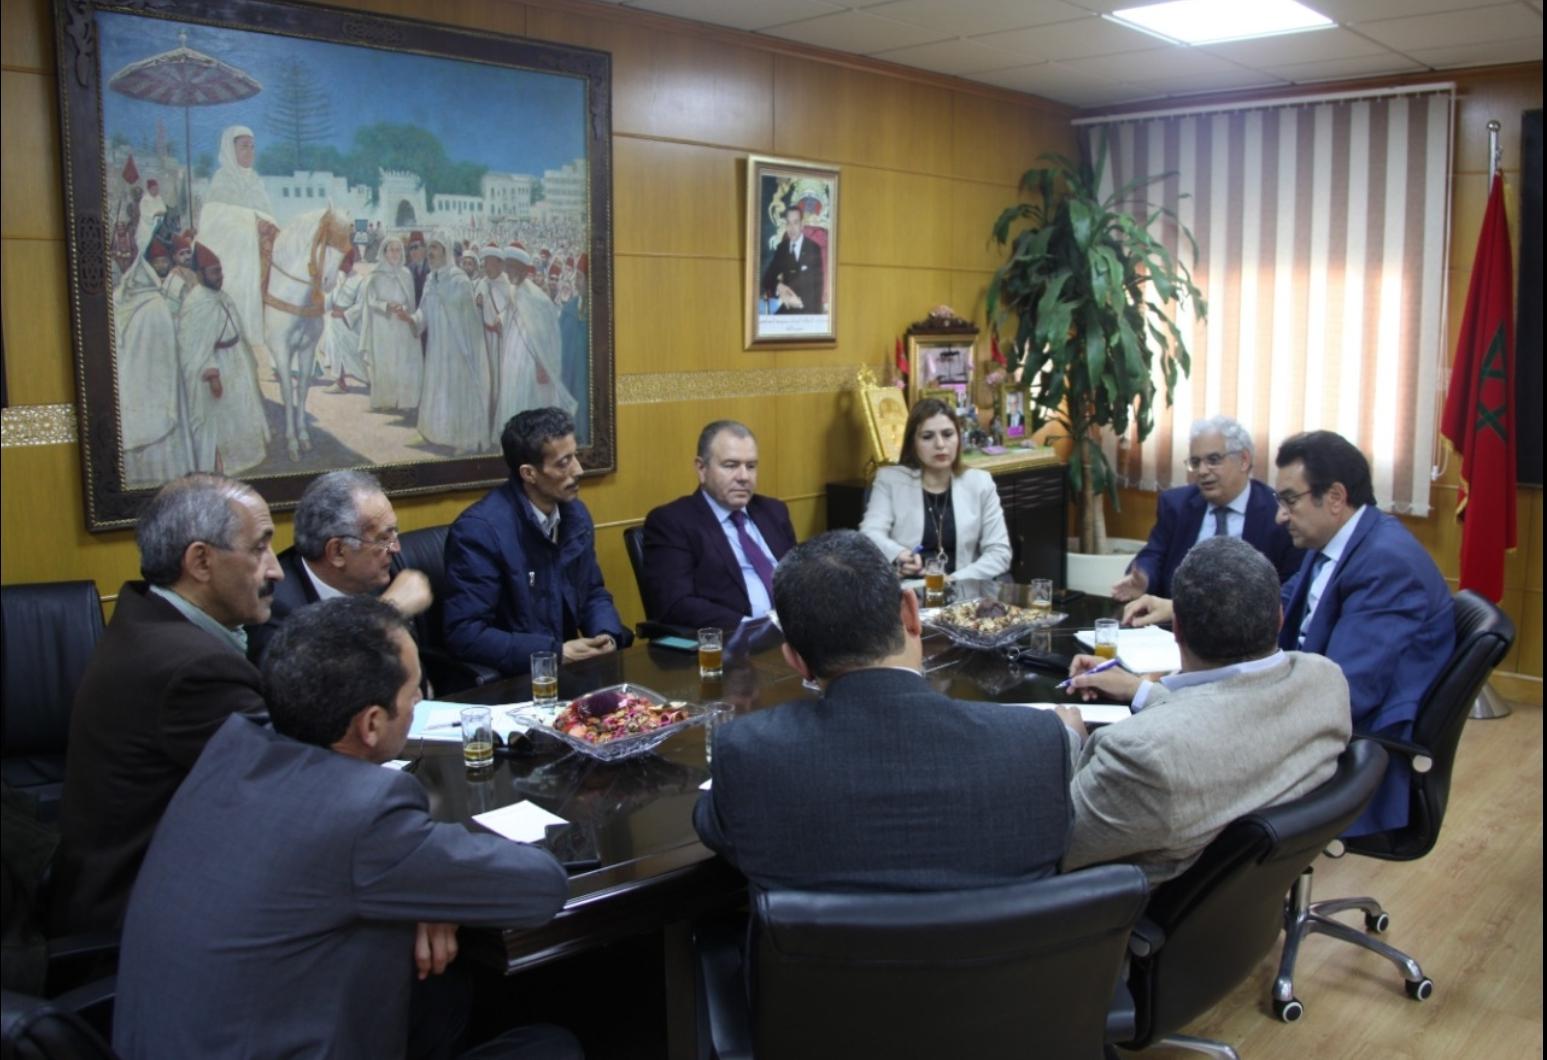 الأخ نزار بركة يترأس اجتماعا لرؤساء وممثلي الروابط المهنية الاستقلالية